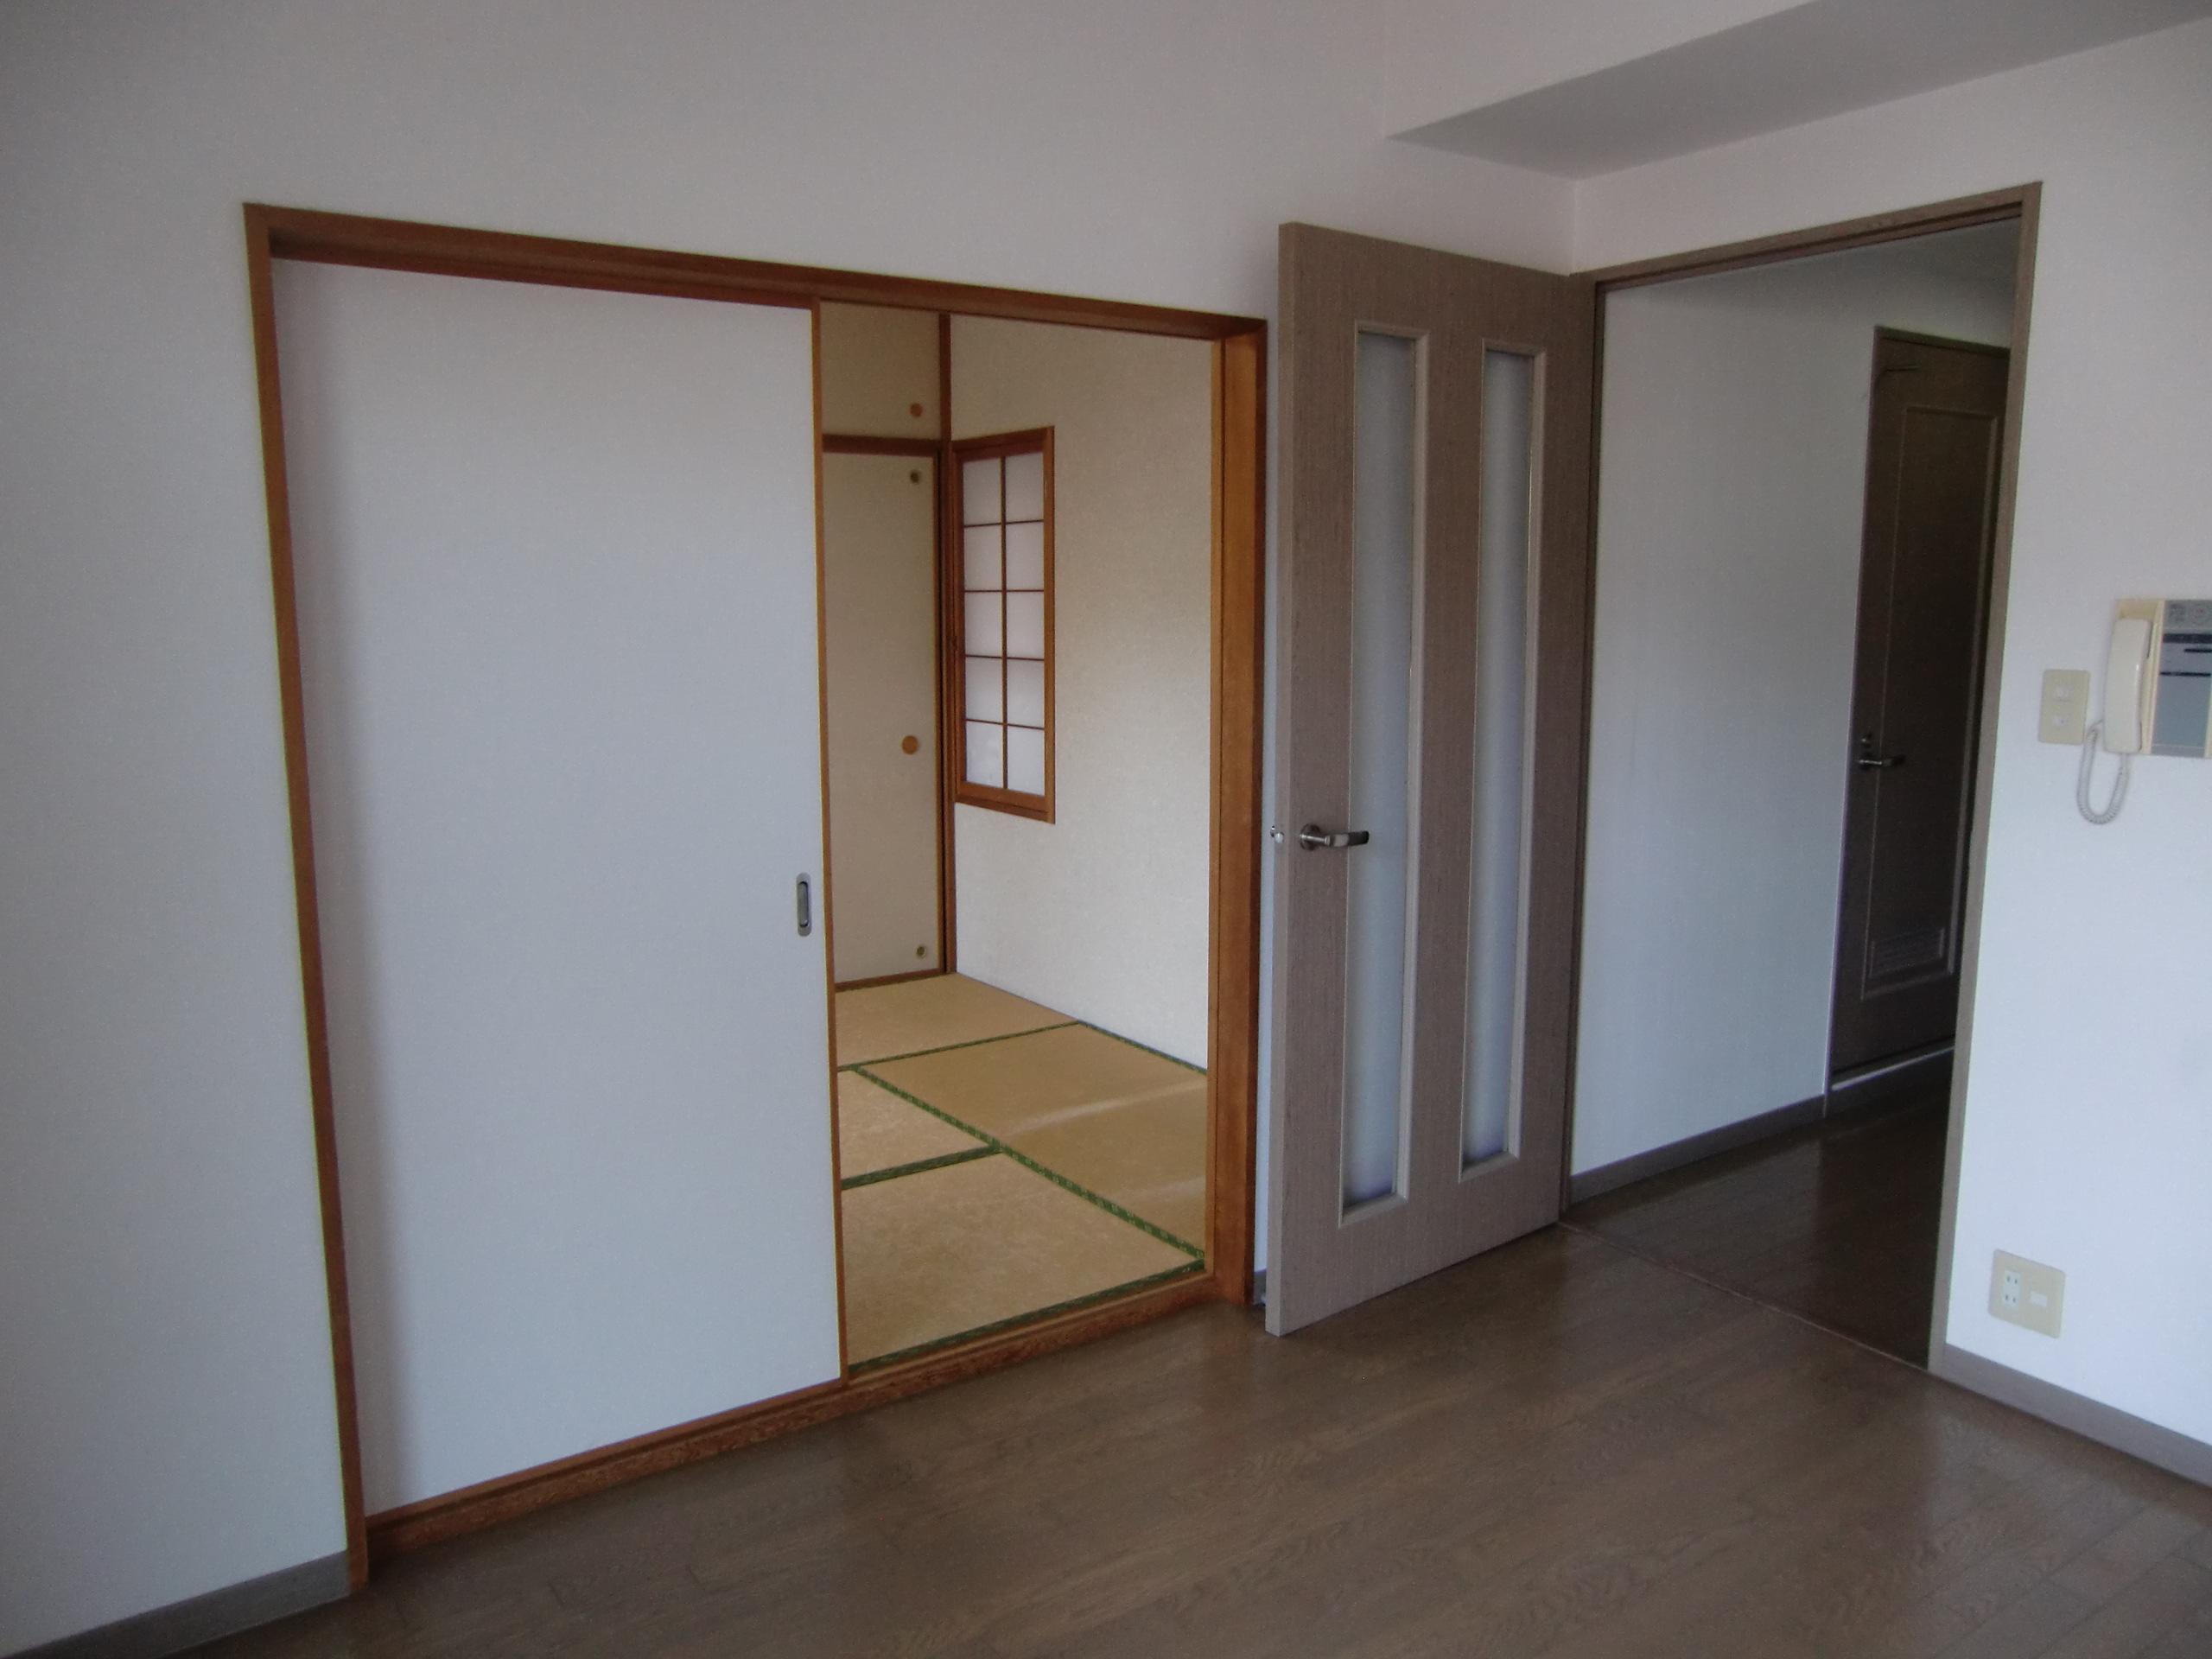 北欧Style+和室=ギャップを楽しむ家。のリノベーション前の写真